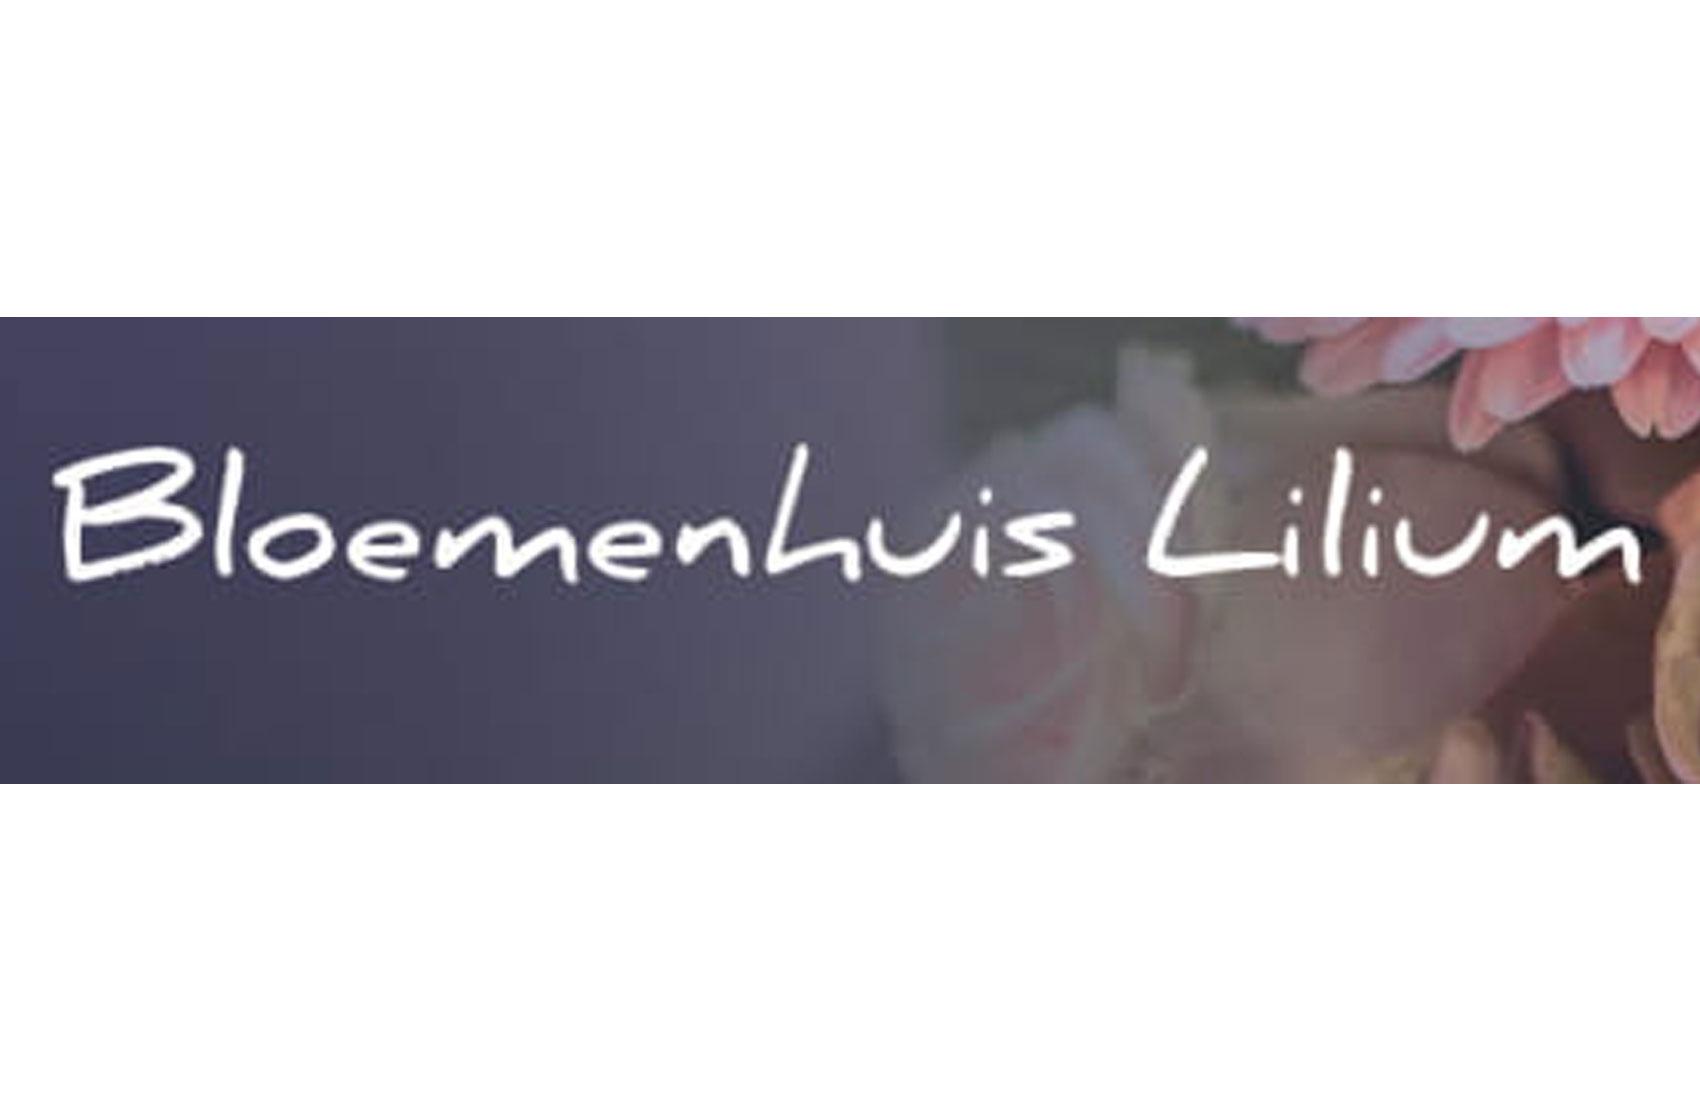 Bloemenhuis Lilium